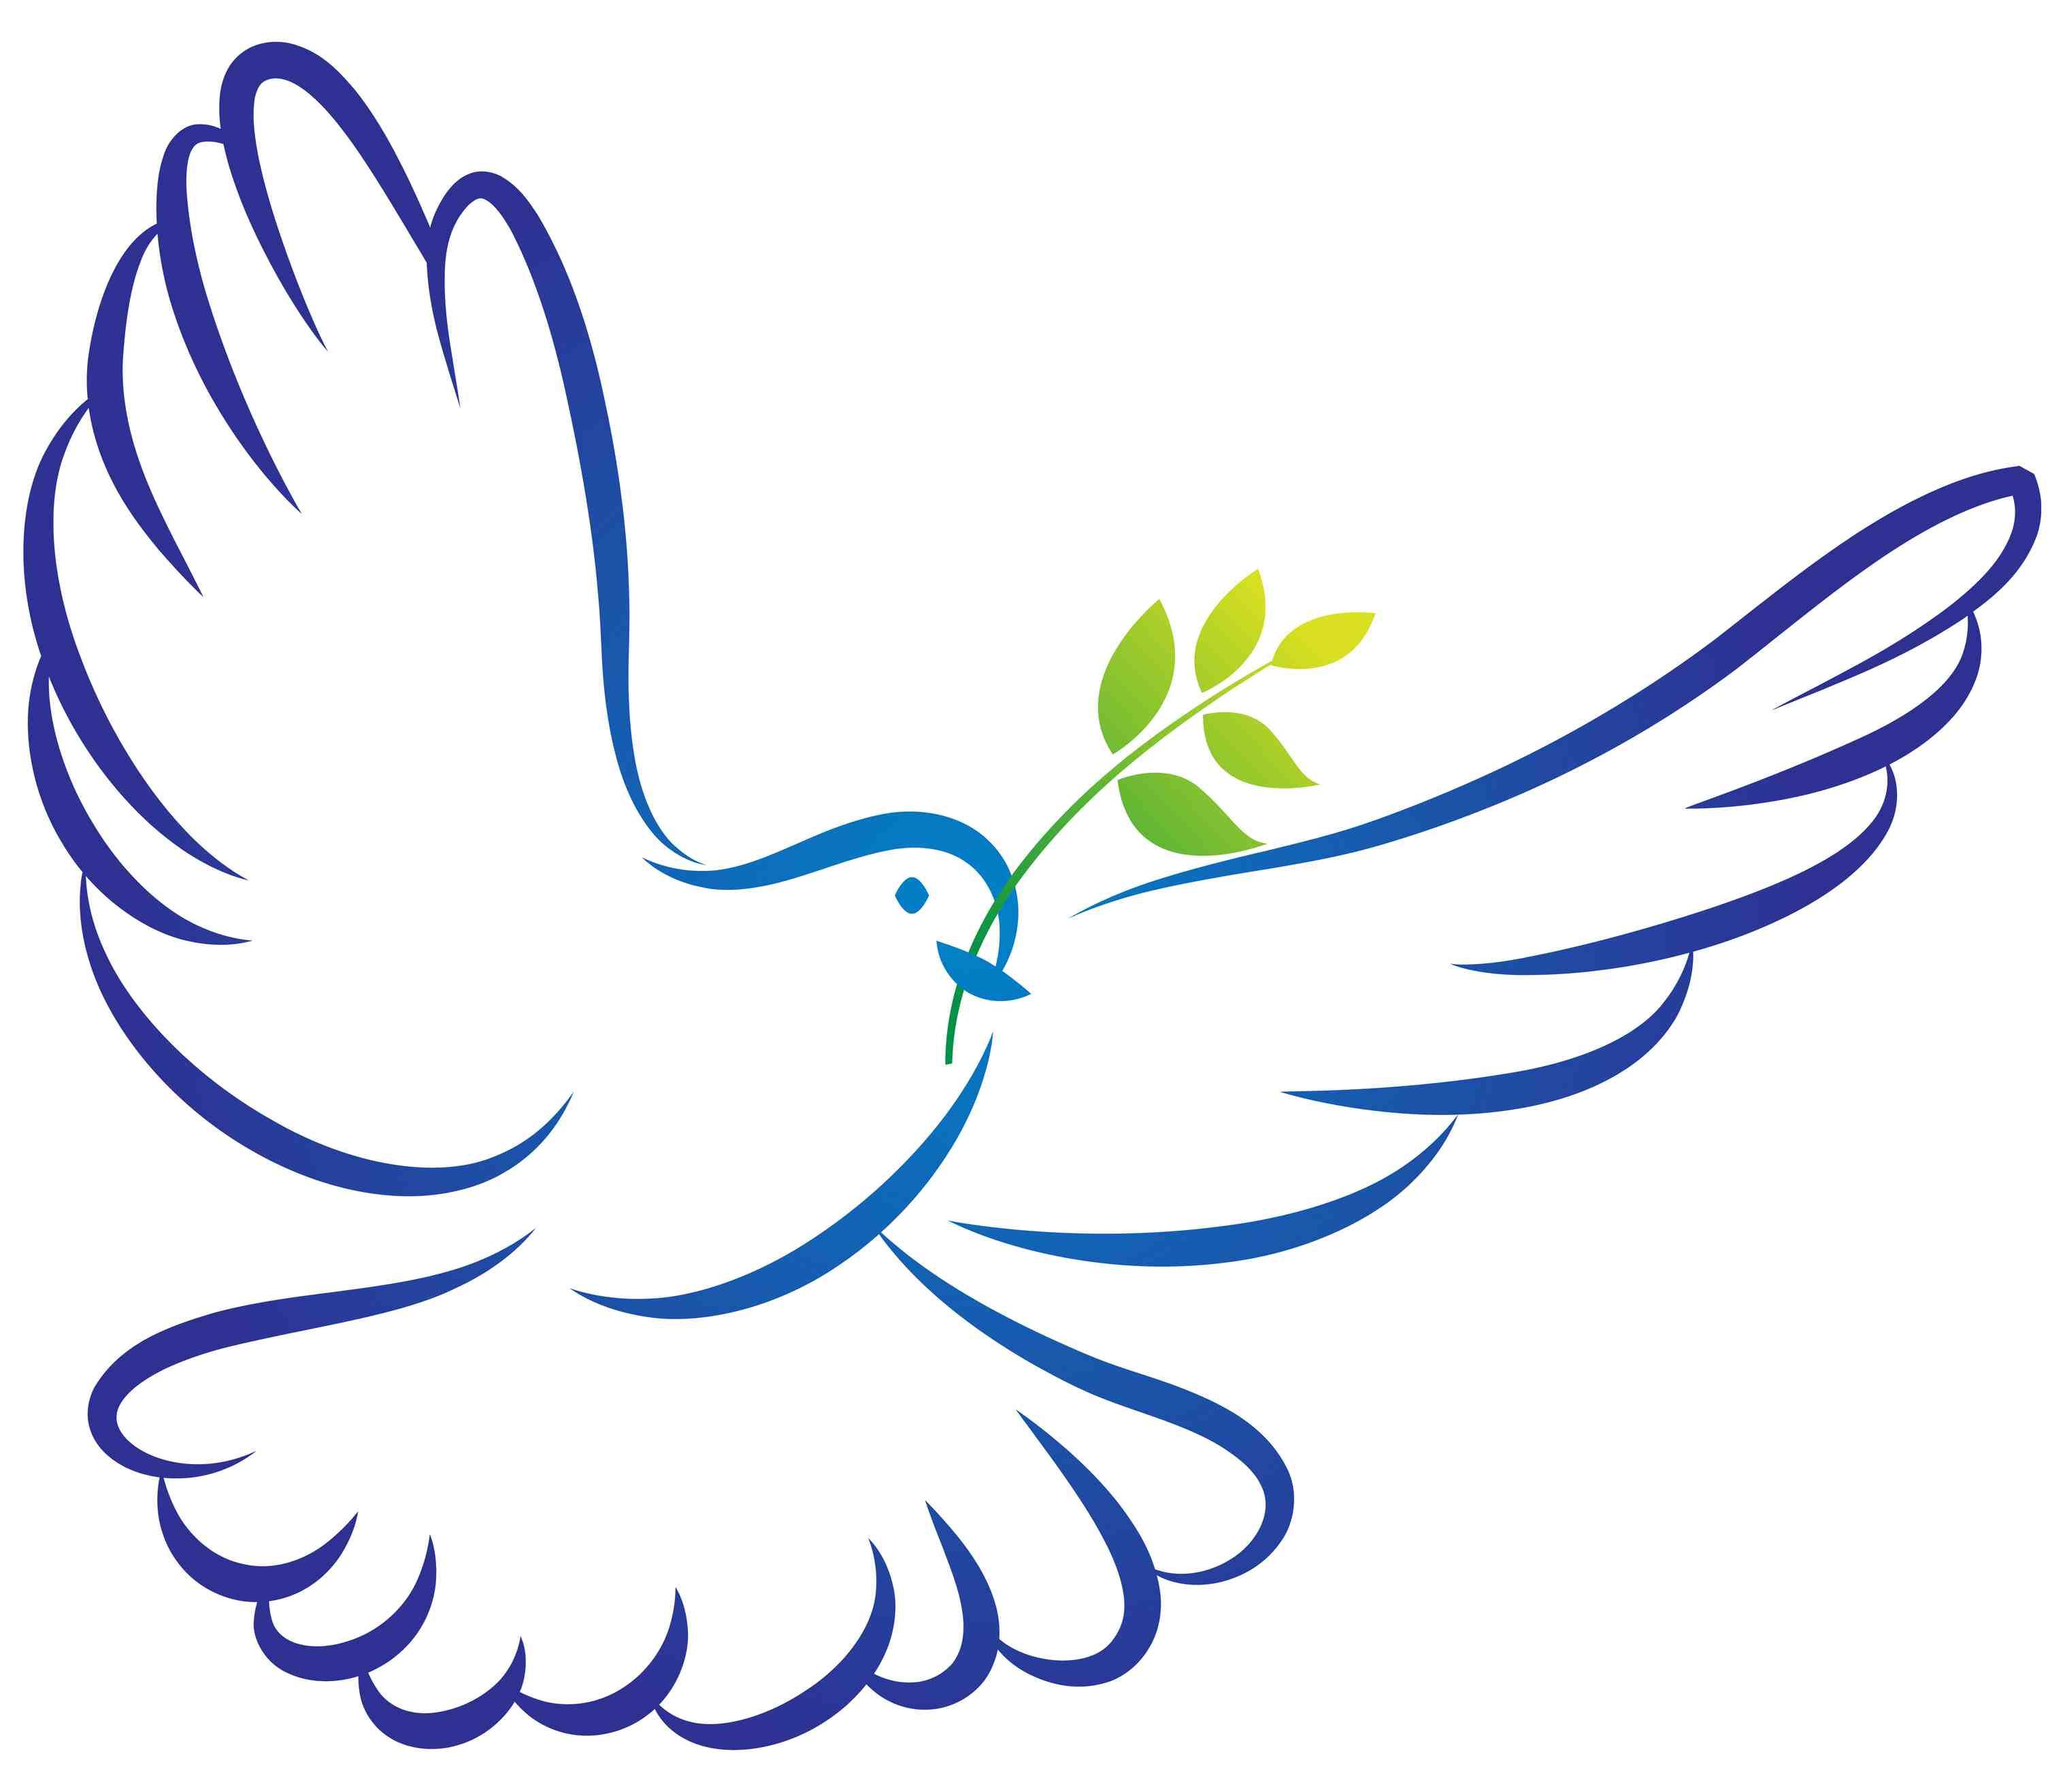 3035x2634 White Dove Clipart Flight Silhouette